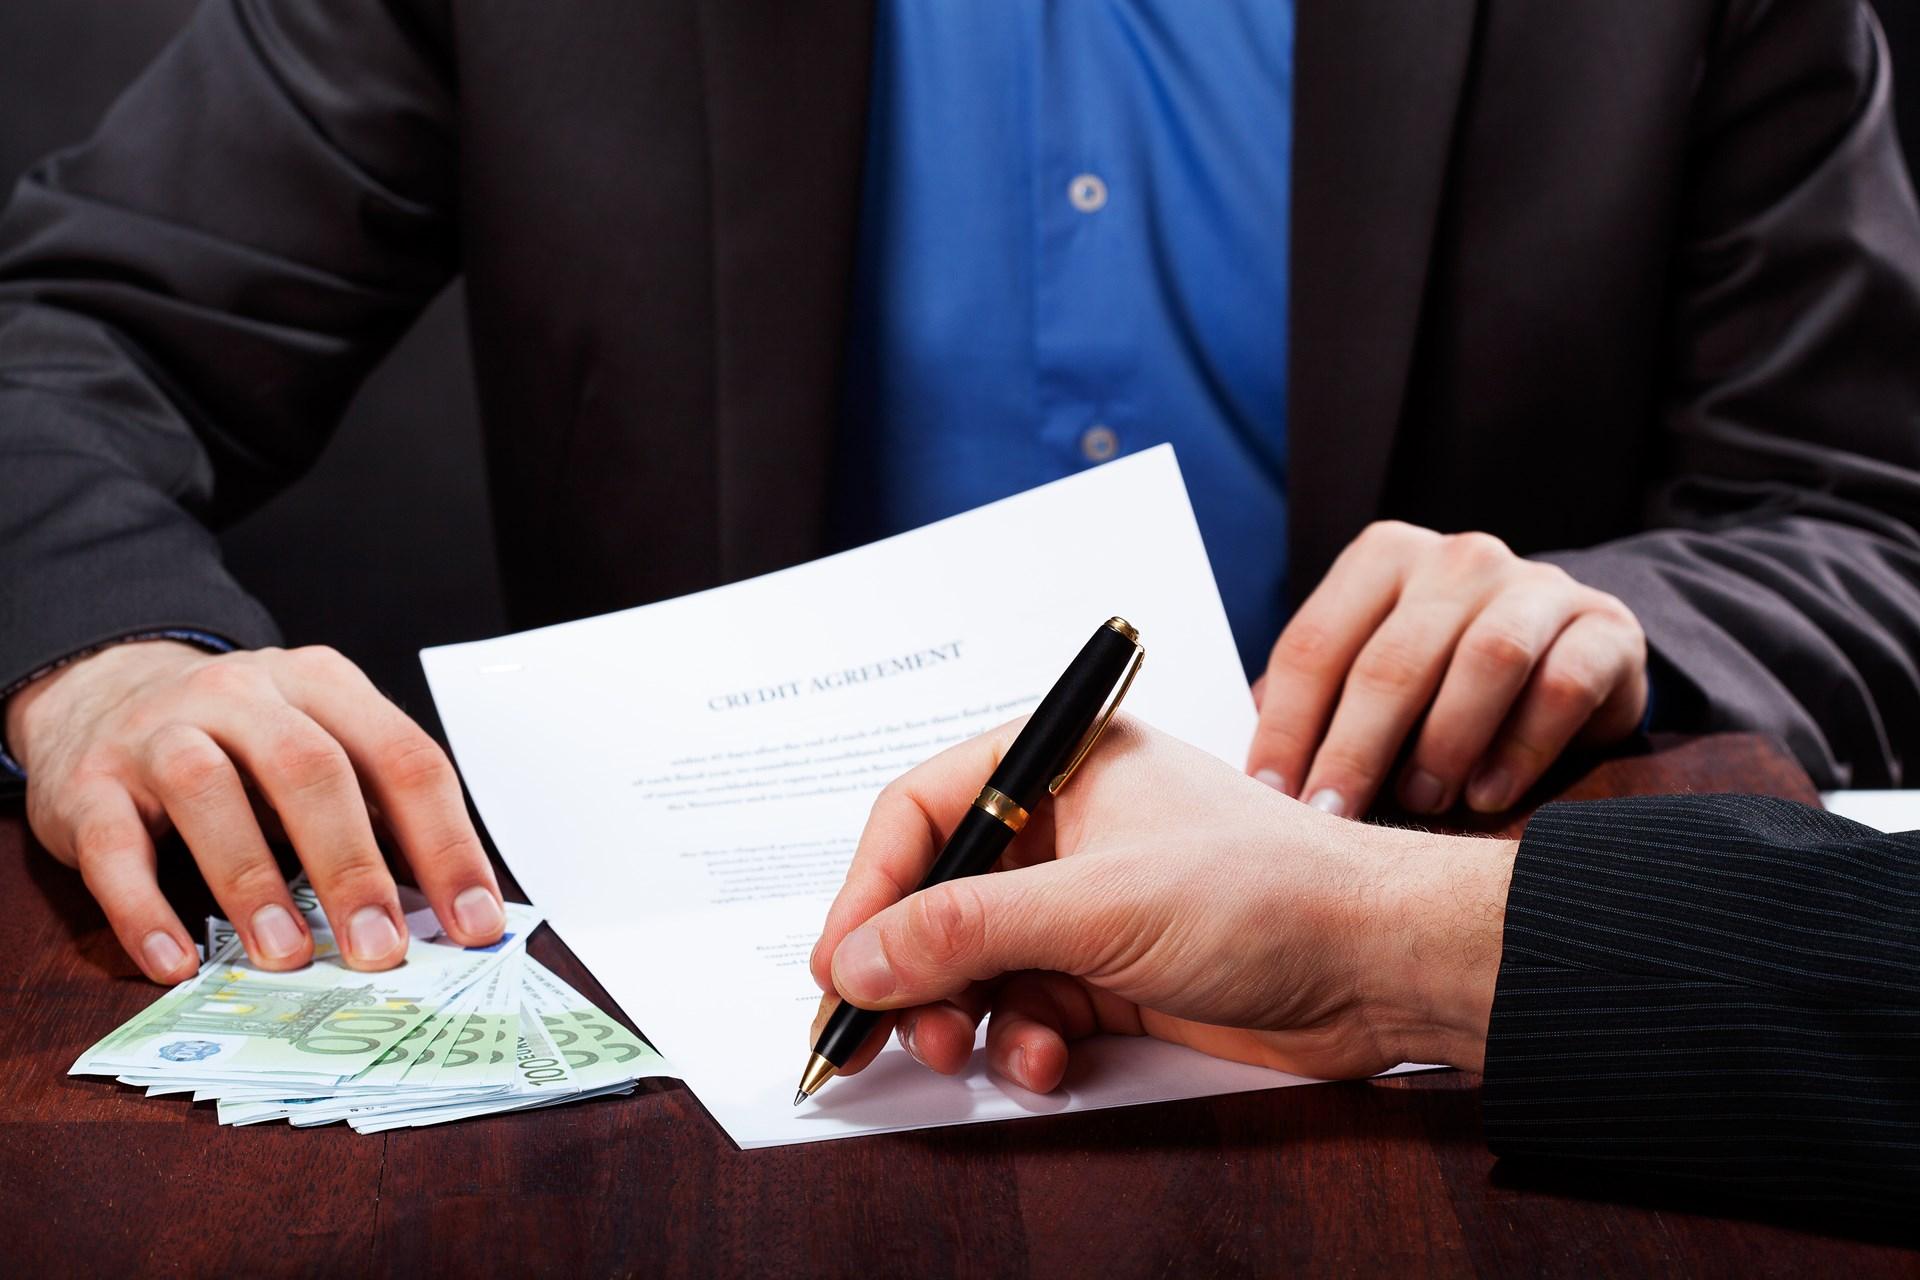 Хотите быстро оформить и получить кредит-Поможем.